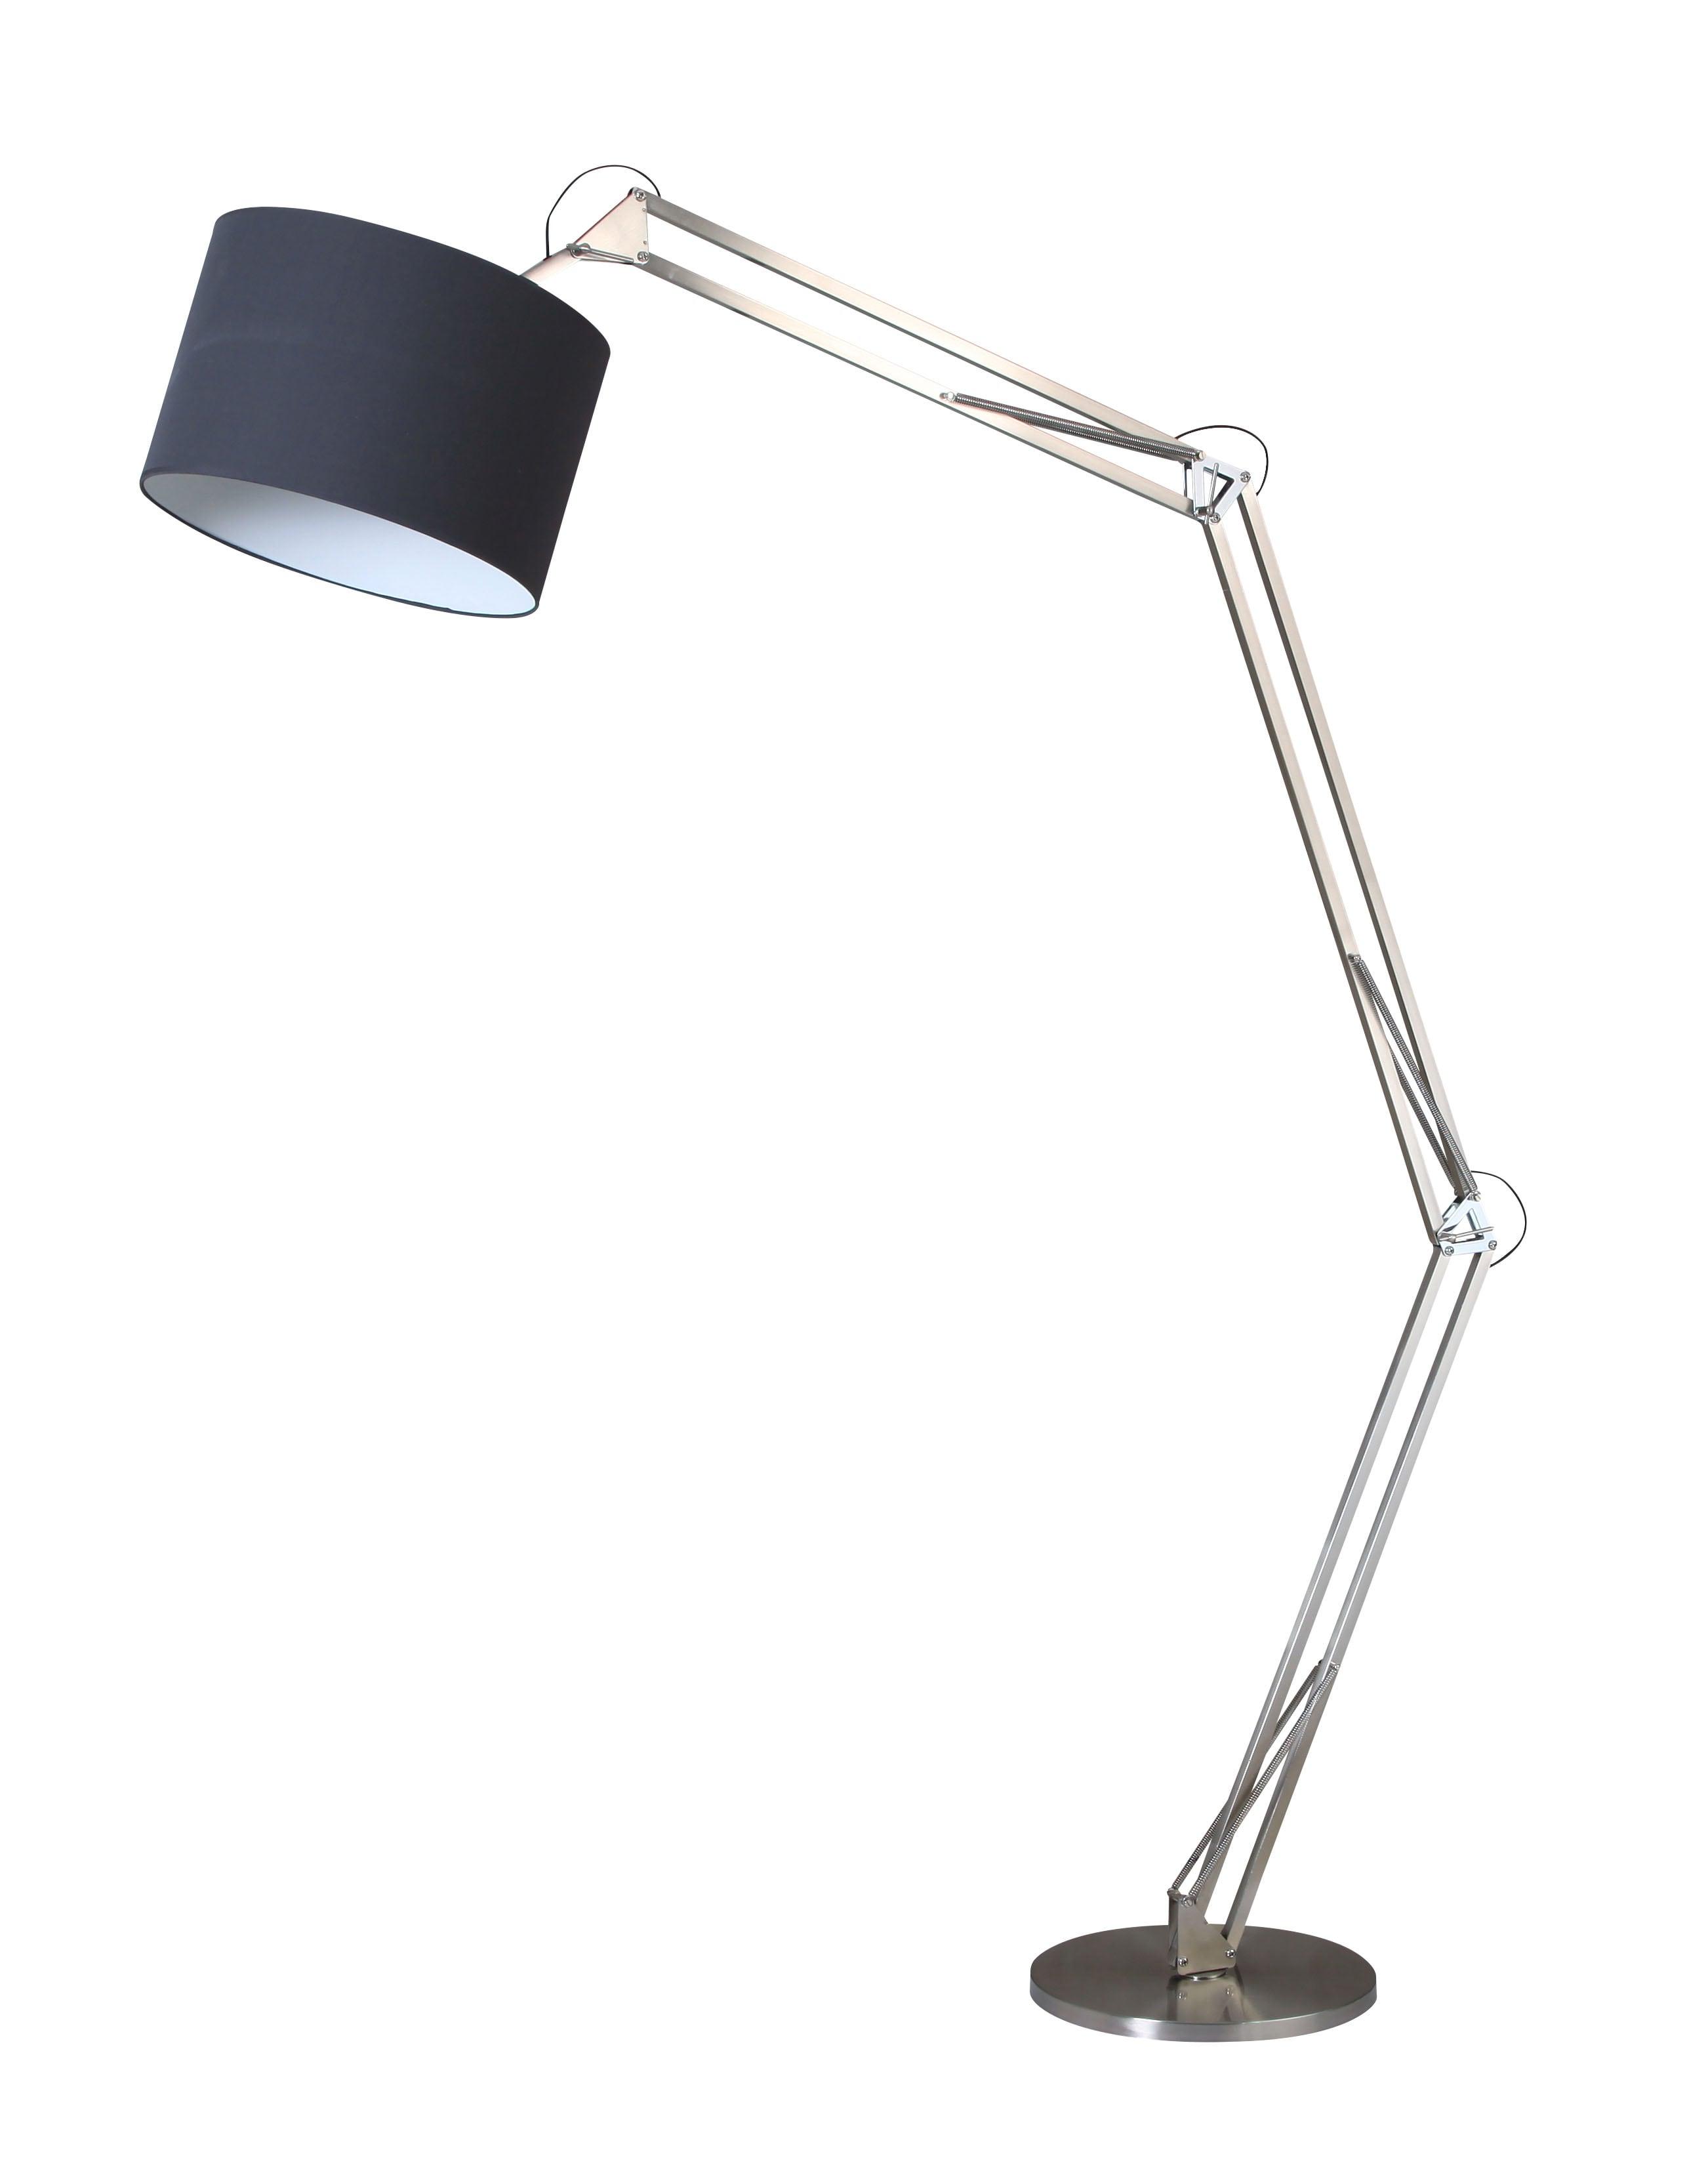 Stojací lampa Chrome Mirani chrom / černá E27 60W